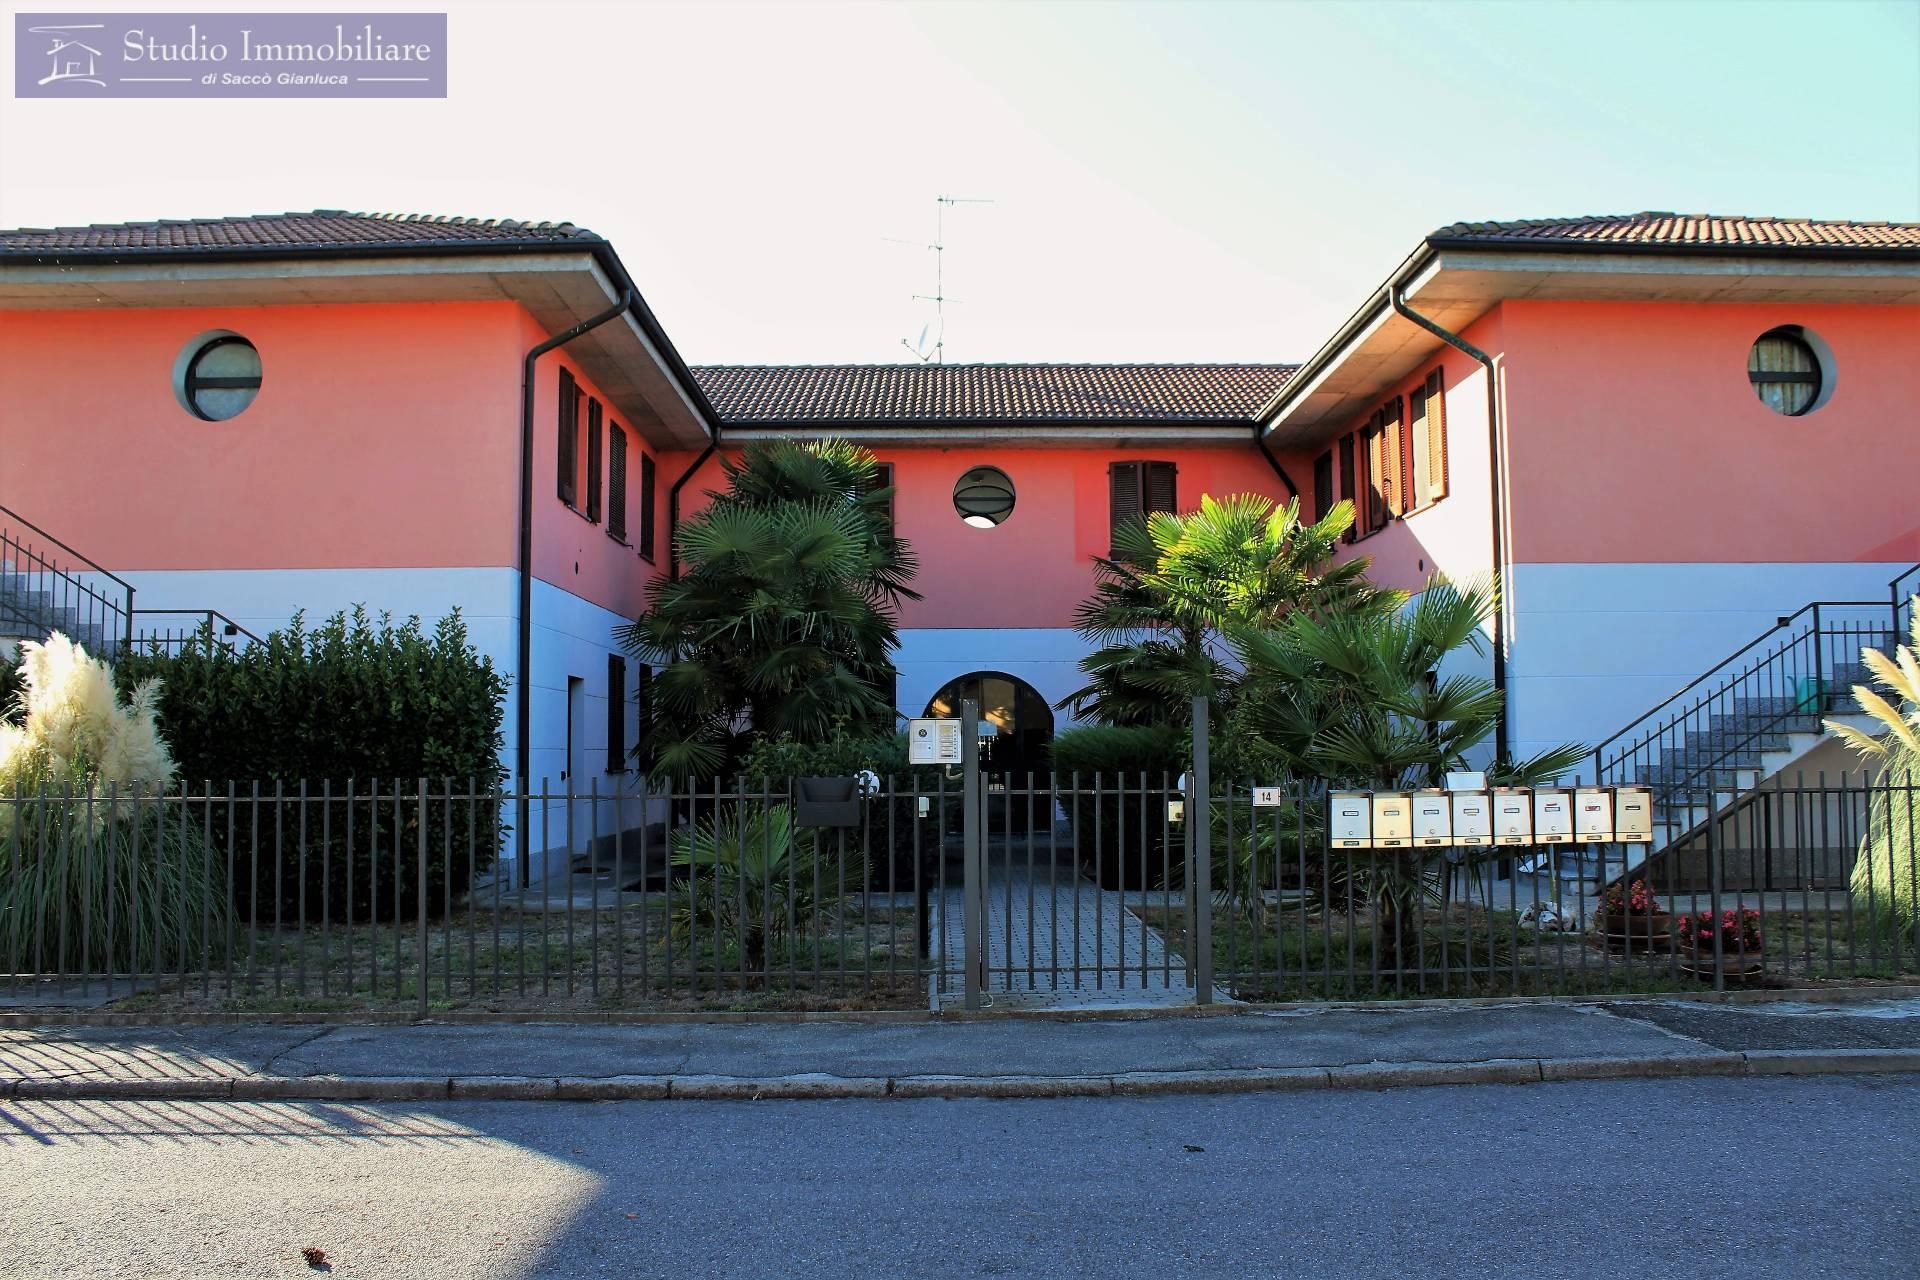 Appartamento in vendita a Bressana Bottarone, 3 locali, zona Località: Bottarone, prezzo € 88.000 | CambioCasa.it